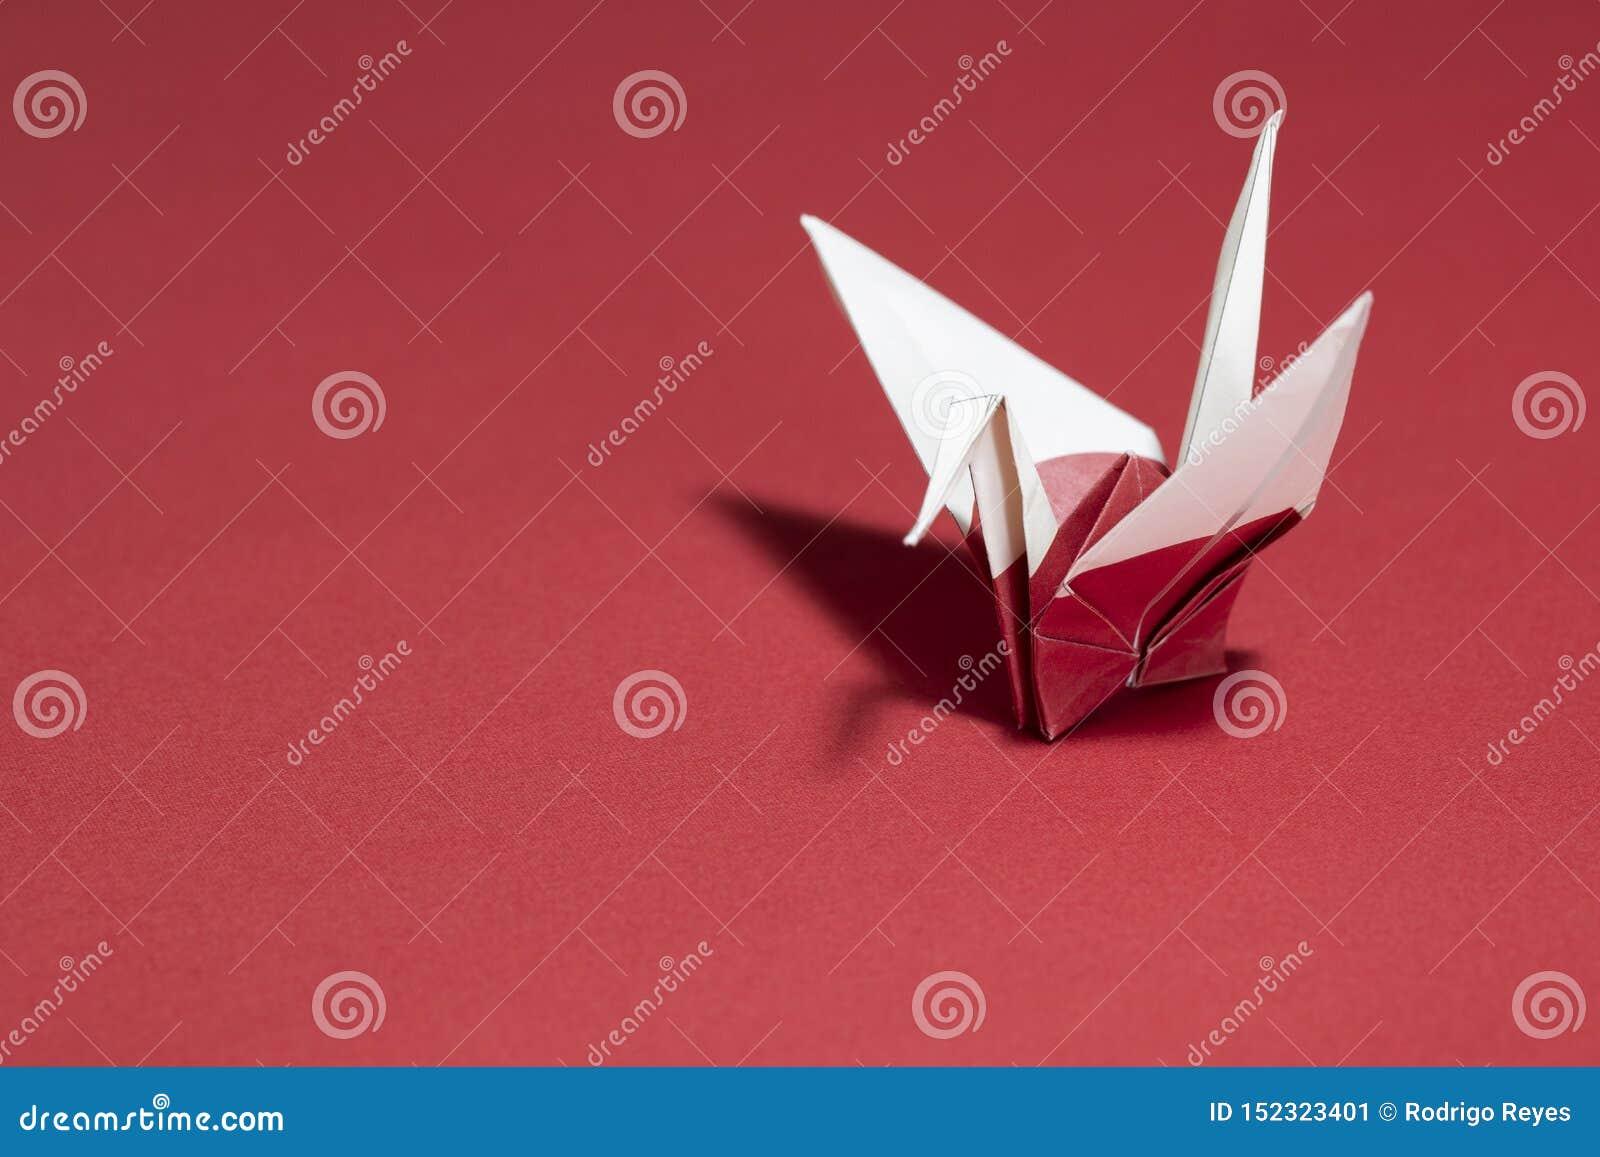 Origami Animals   1155x1600